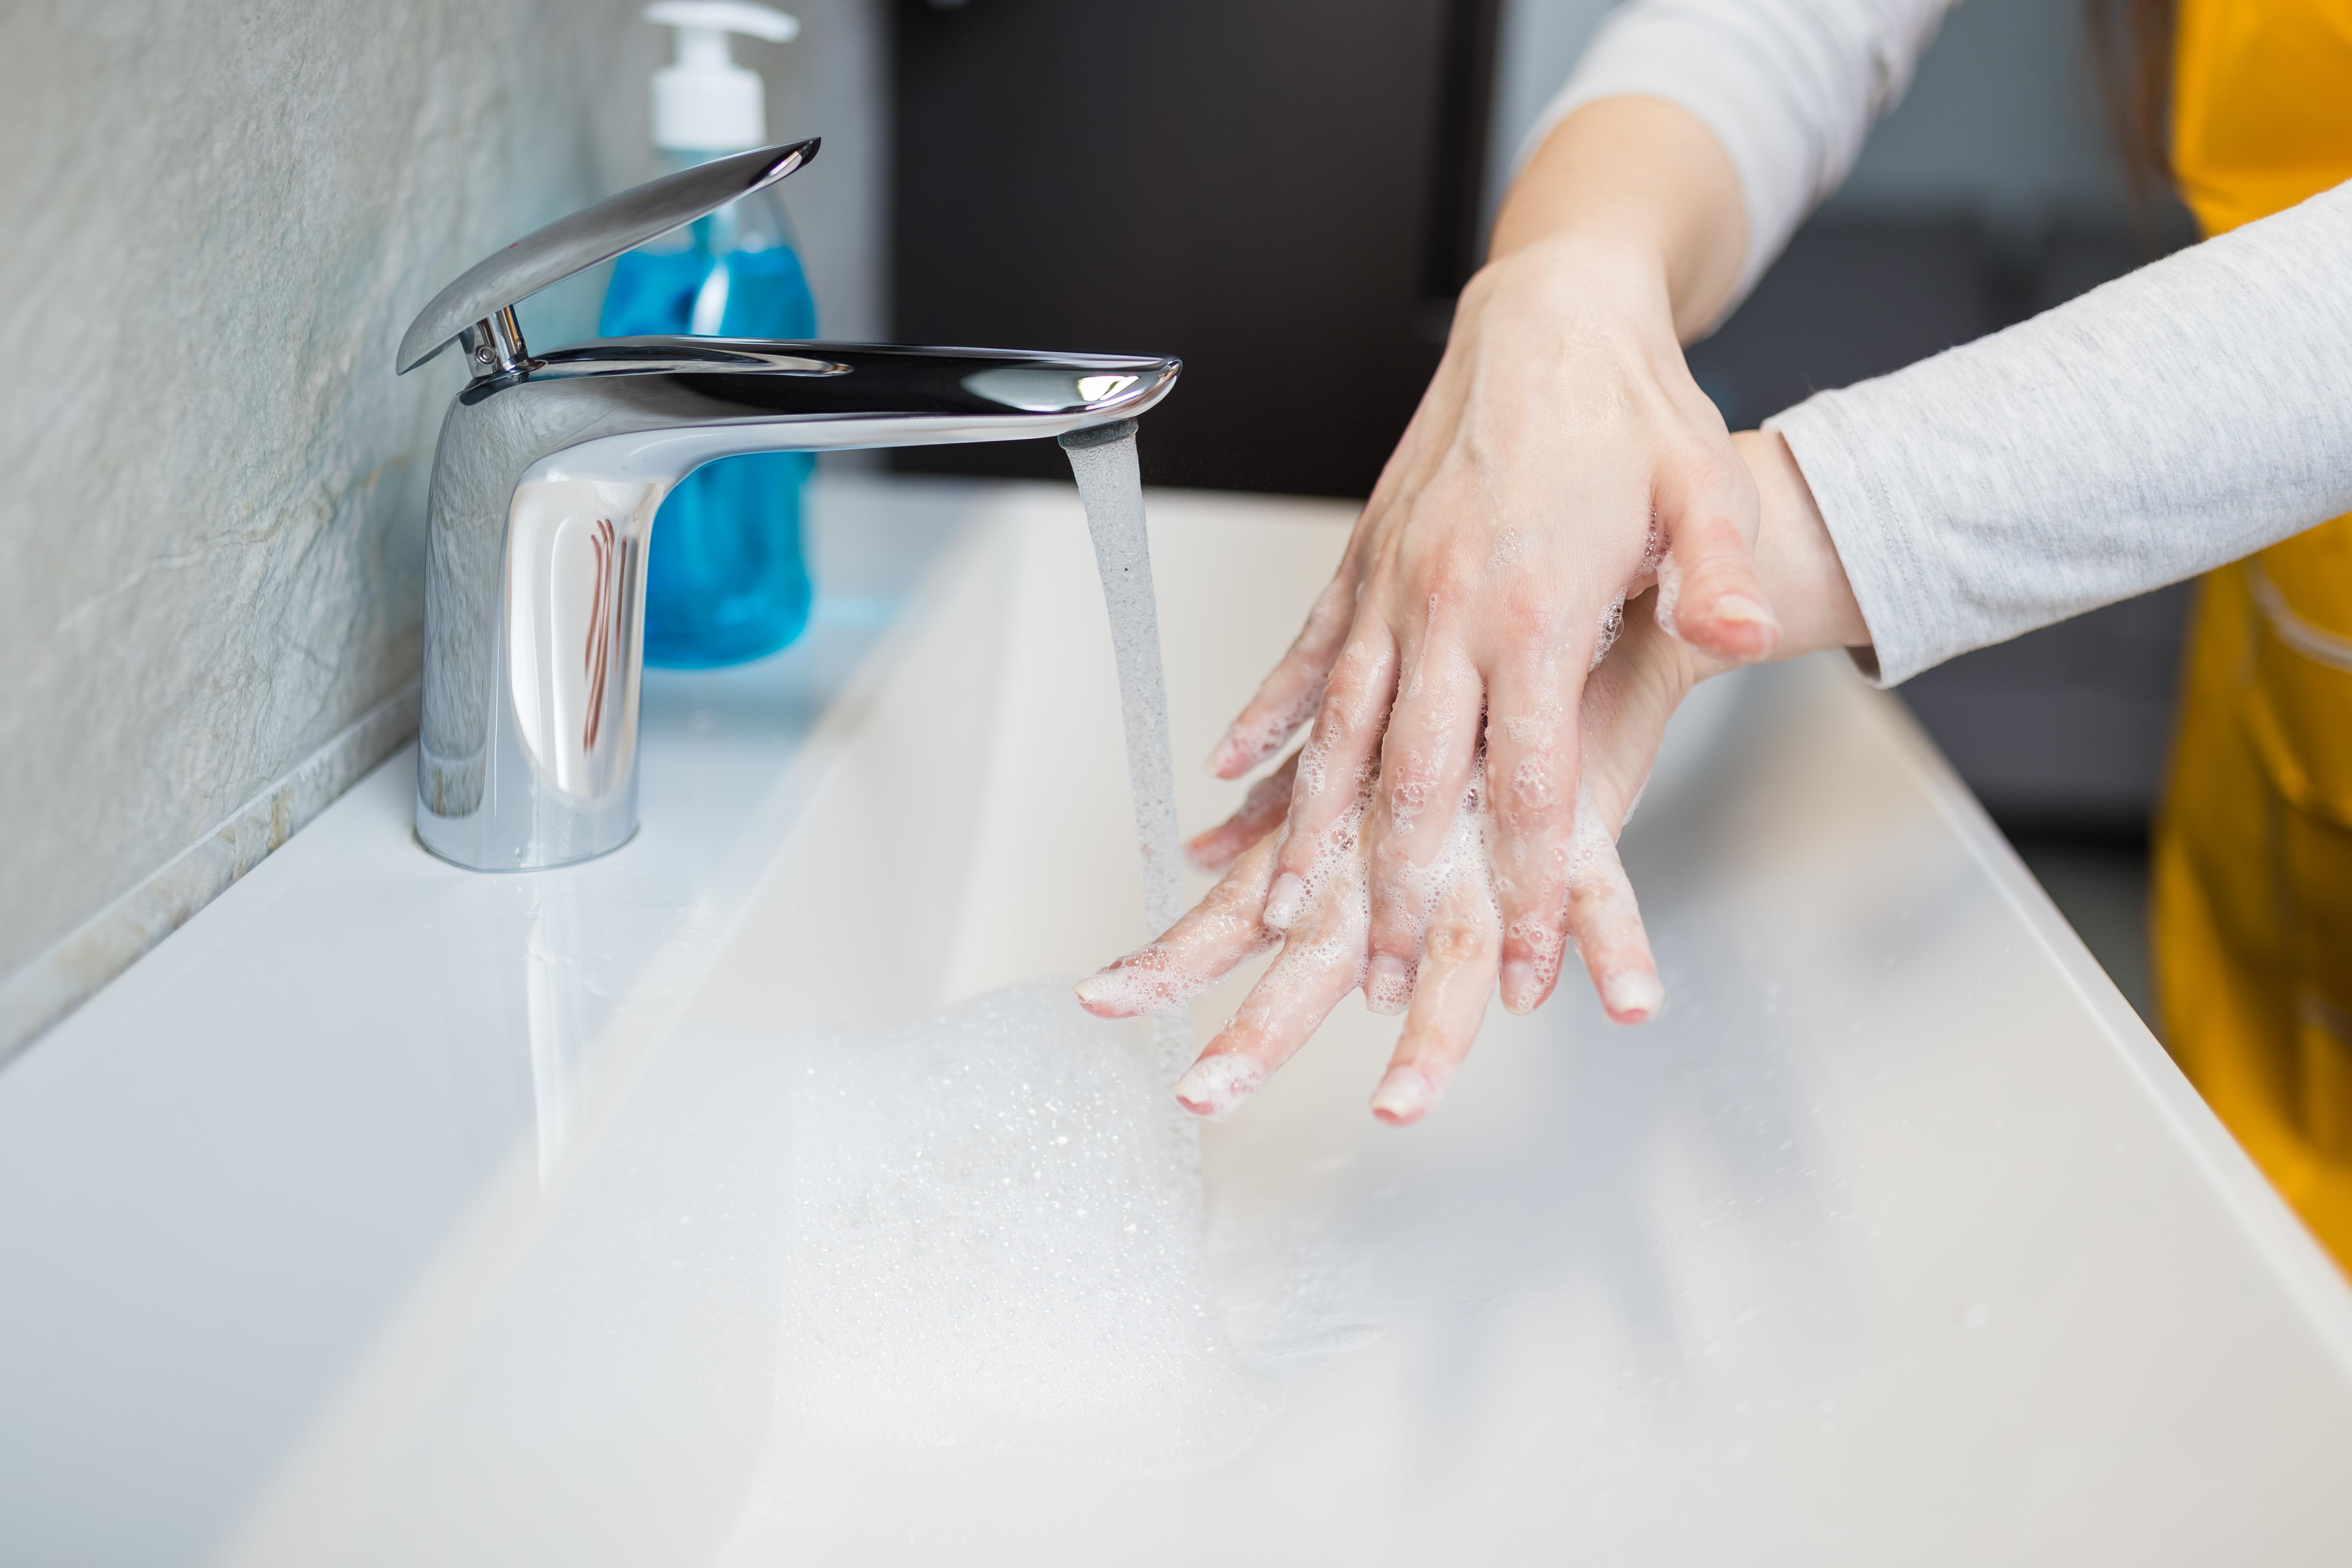 <p><strong>Миене на ръцете с гореща вода</strong><br /> Различни изследвания потвърждават, че топлата и студената вода са еднакво ефективни при убиването на микроби и премахването на бактериите от ръцете ни. Според тези проучвания, температурата на водата не играе жизненоважна роля за намаляване на бактериите. Освен това е доказано, че студената вода всъщност е по-здравословна за нашите ръце от горещата вода.</p>